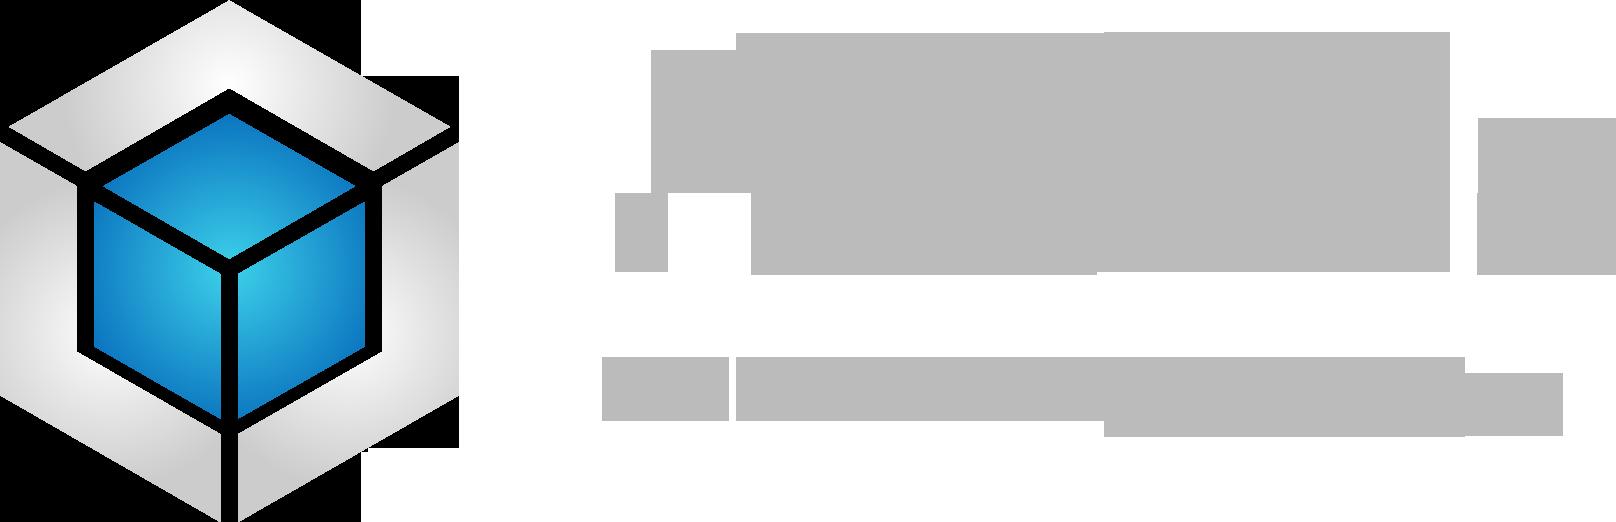 adefine_for_dark_background